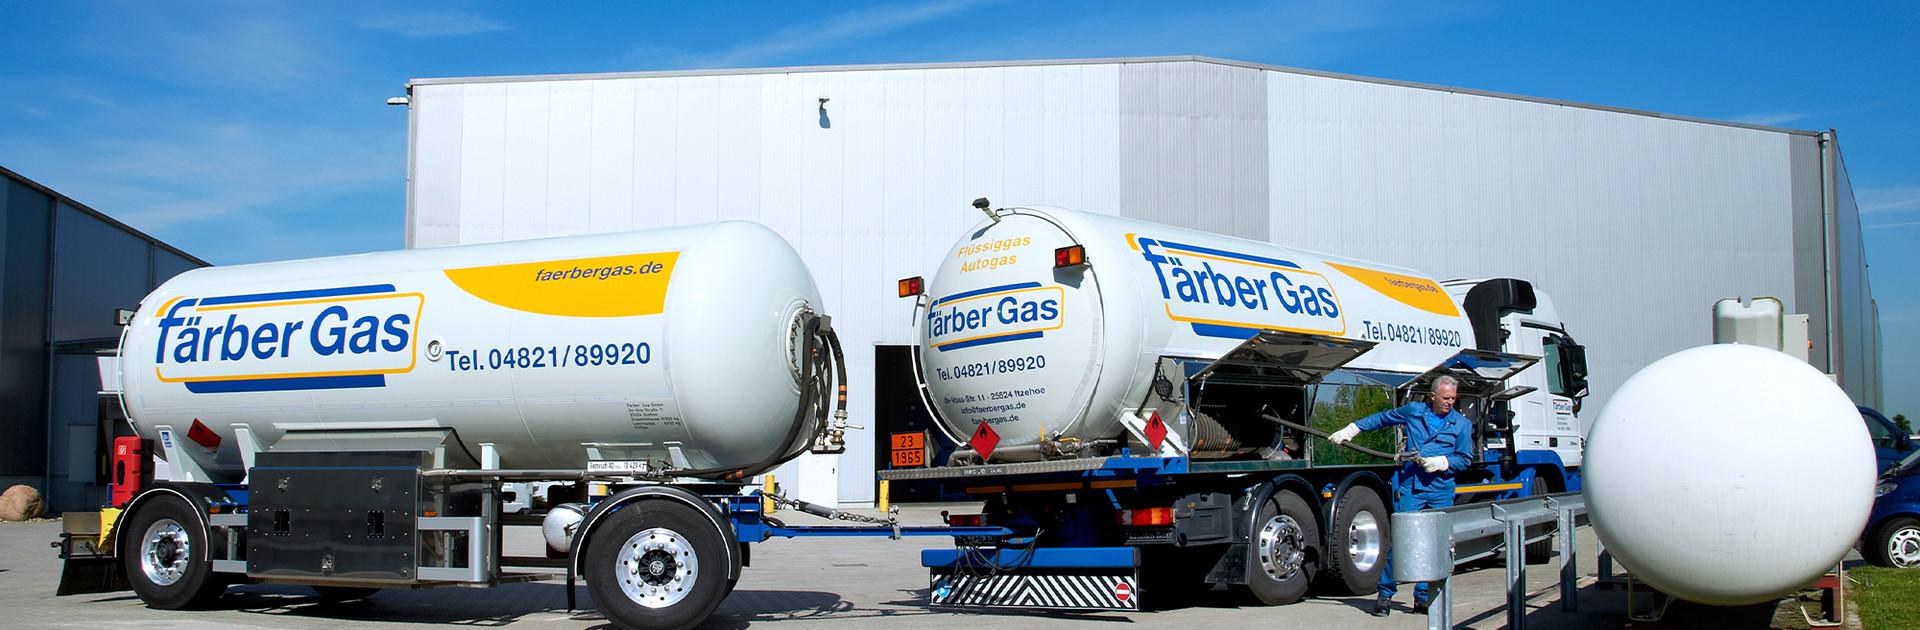 Färber Gas Startseite Flüssiggas